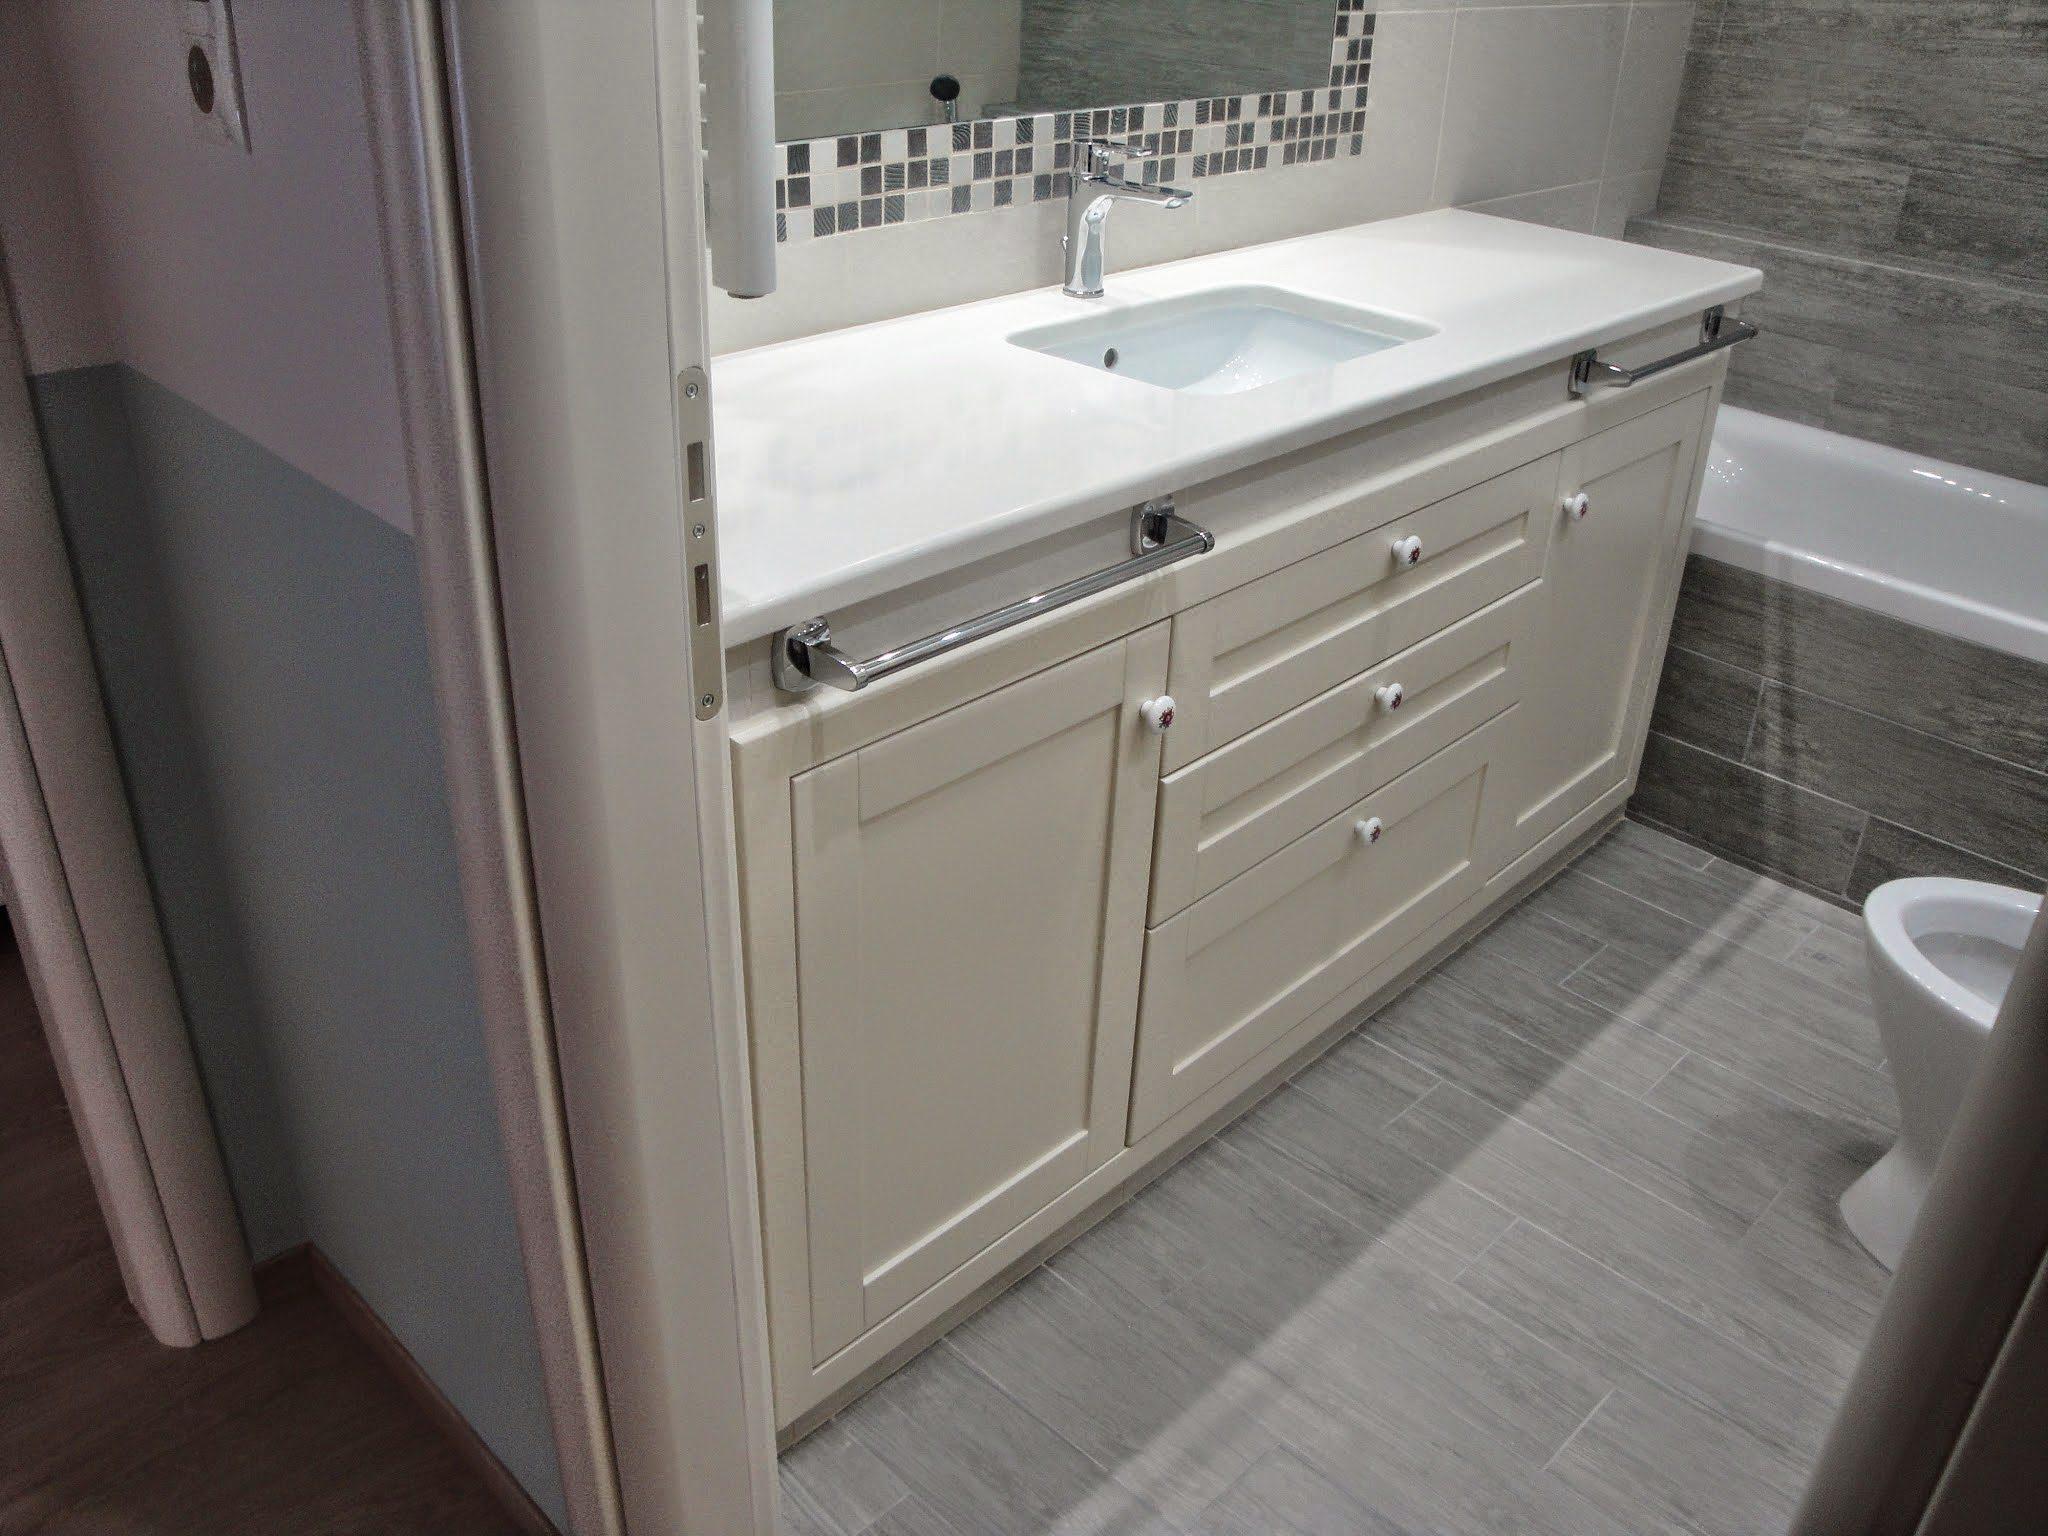 Έπιπλο μπάνιου με συρτάρια και δύο καλάθια άπλυτων.Πάγκος μάρμαρο λευκό.